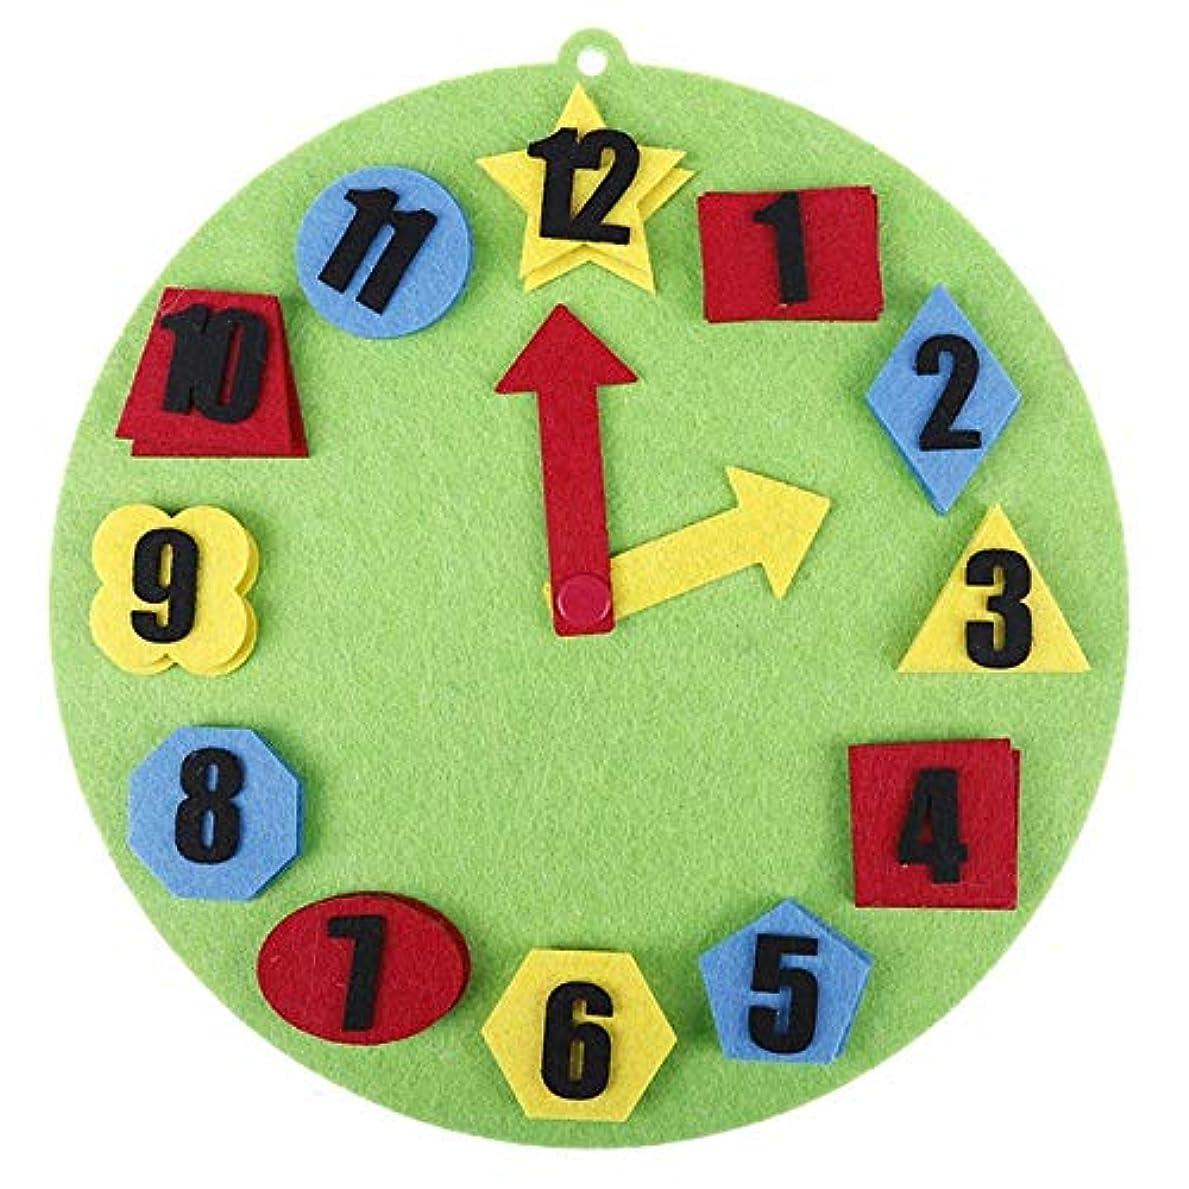 傾向があるアラームあなたが良くなりますHuawei MediaPad M6 8.4 Inch用ラティステクスチャ水平フリップレザーケース 子供のための デジタル時計時計認知補助玩具DIY不織布早期教育モンテッソーリ教育支援数学パズルおもちゃ(グリーン) (Color : Orange)